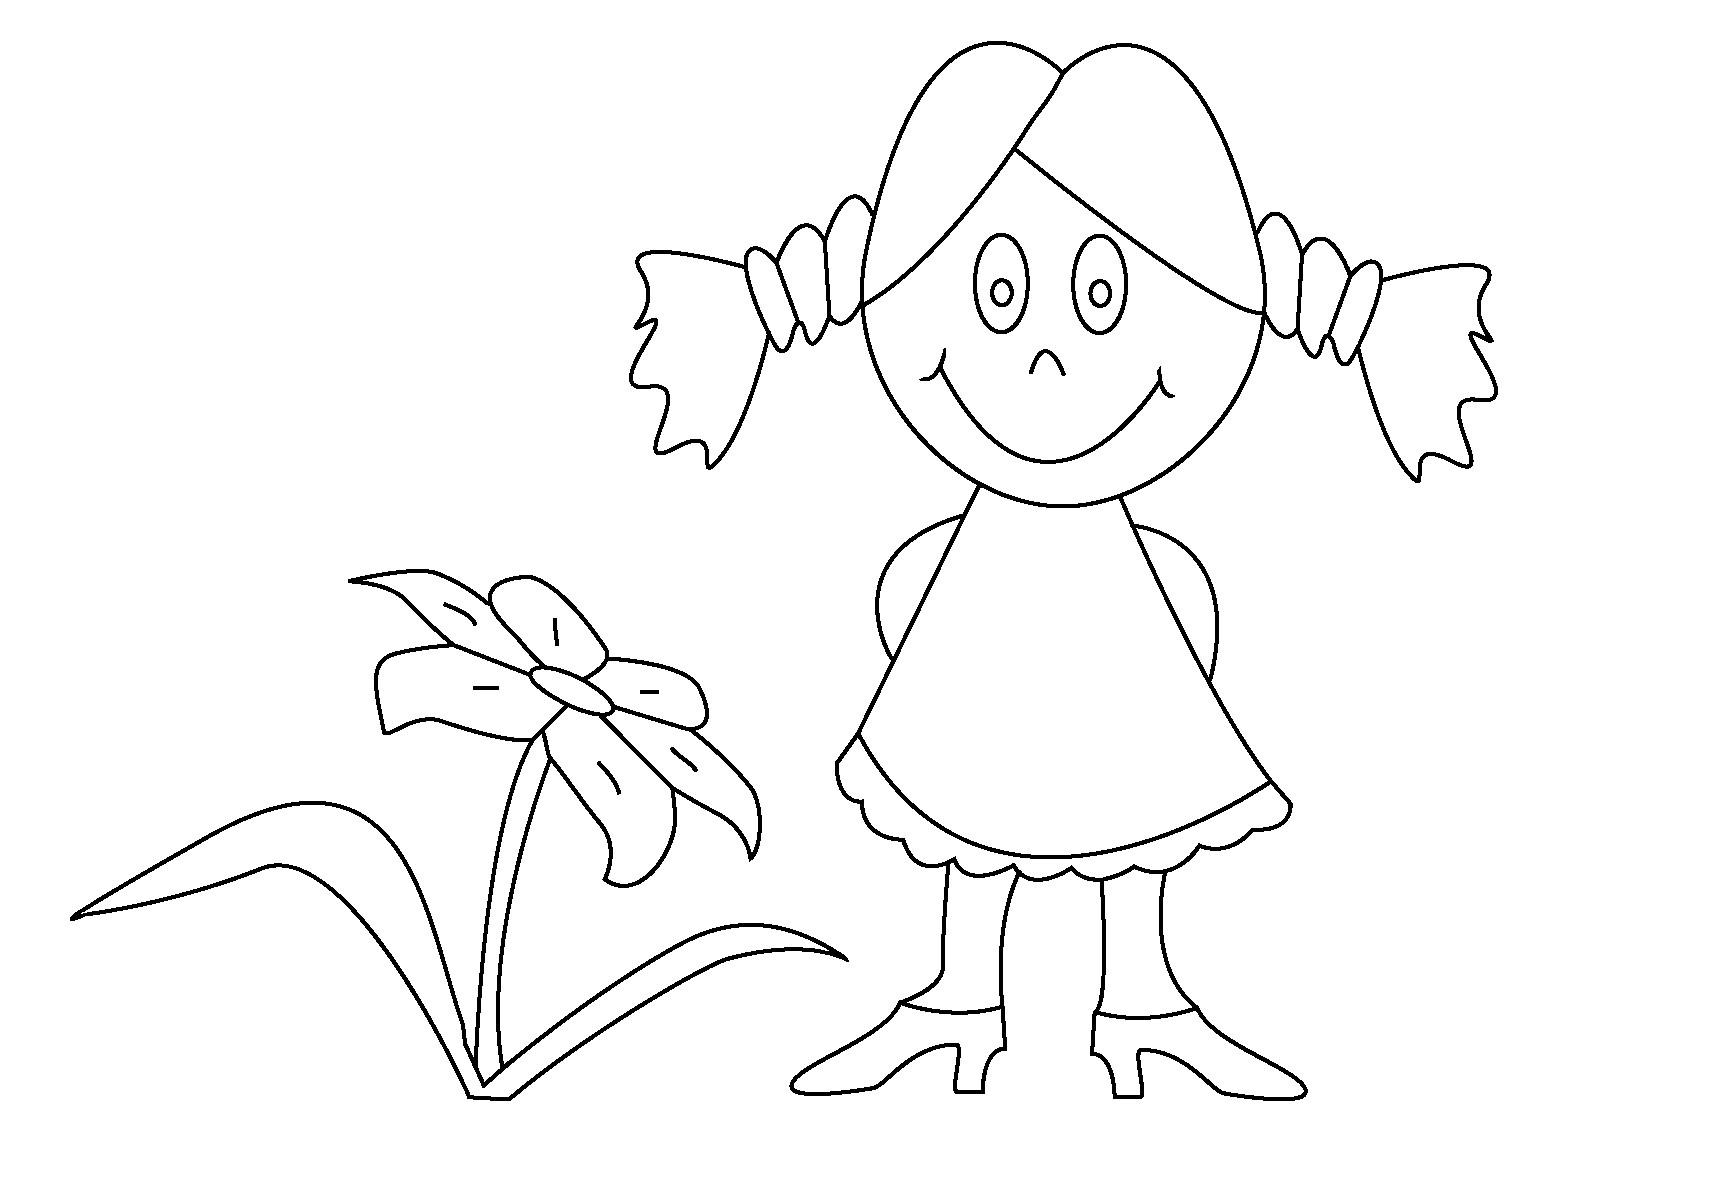 Malvorlagen Für Mädchen  Ausmalbilder Malvorlagen – Mädchen kostenlos zum